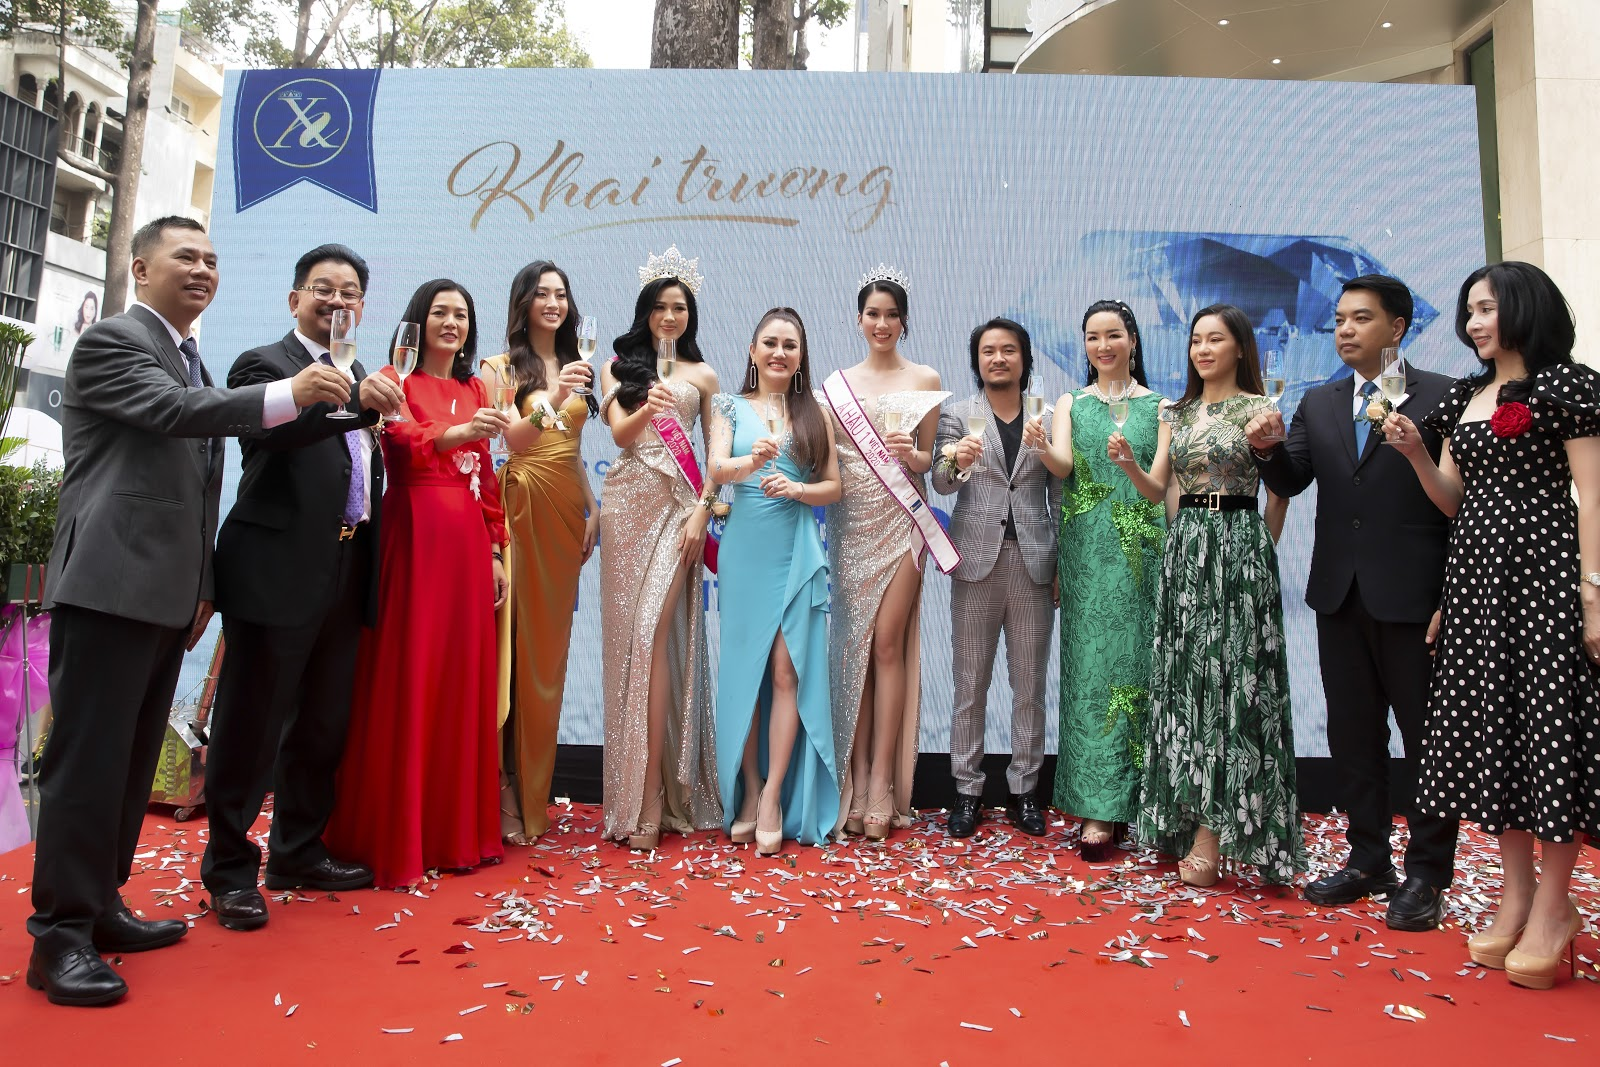 Bệnh viện thẩm mỹ Xuân Hương tặng quà khủng trong ngày khai trương tại TP Hồ Chí Minh - Ảnh 1.